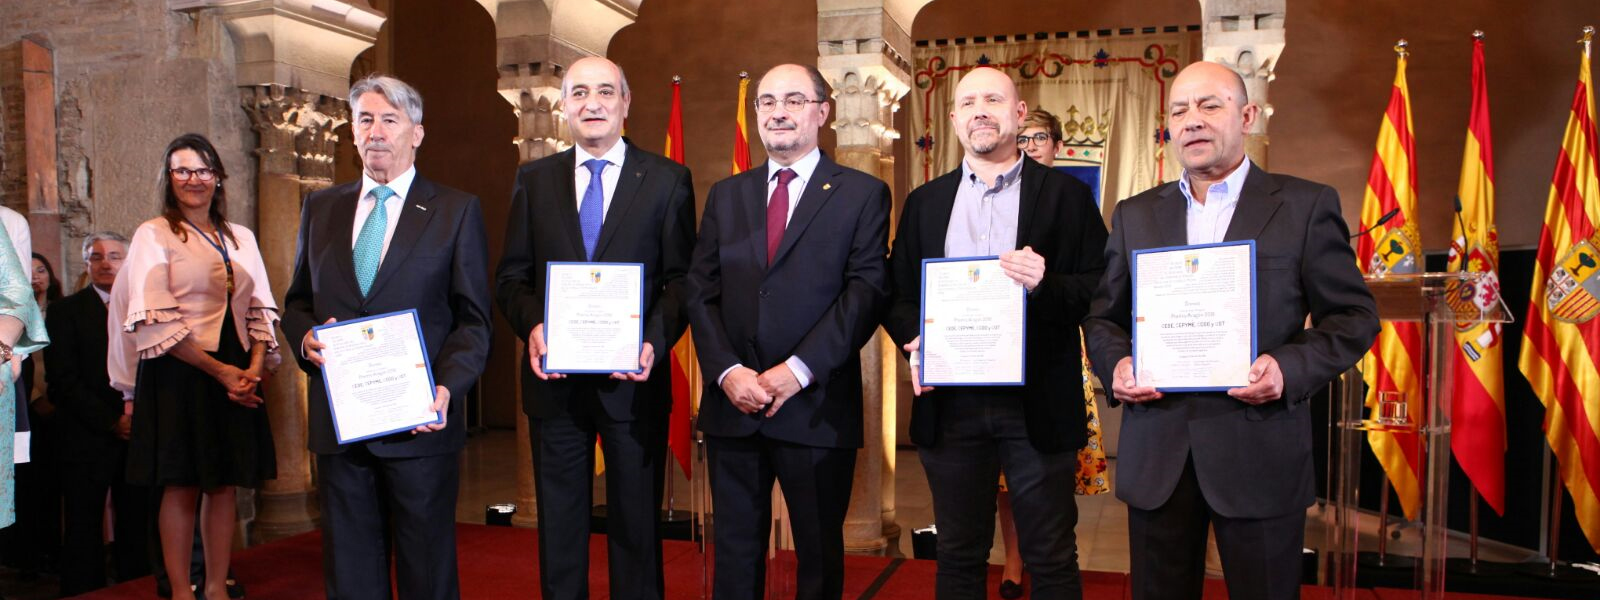 Entrega Premio Aragón 2018